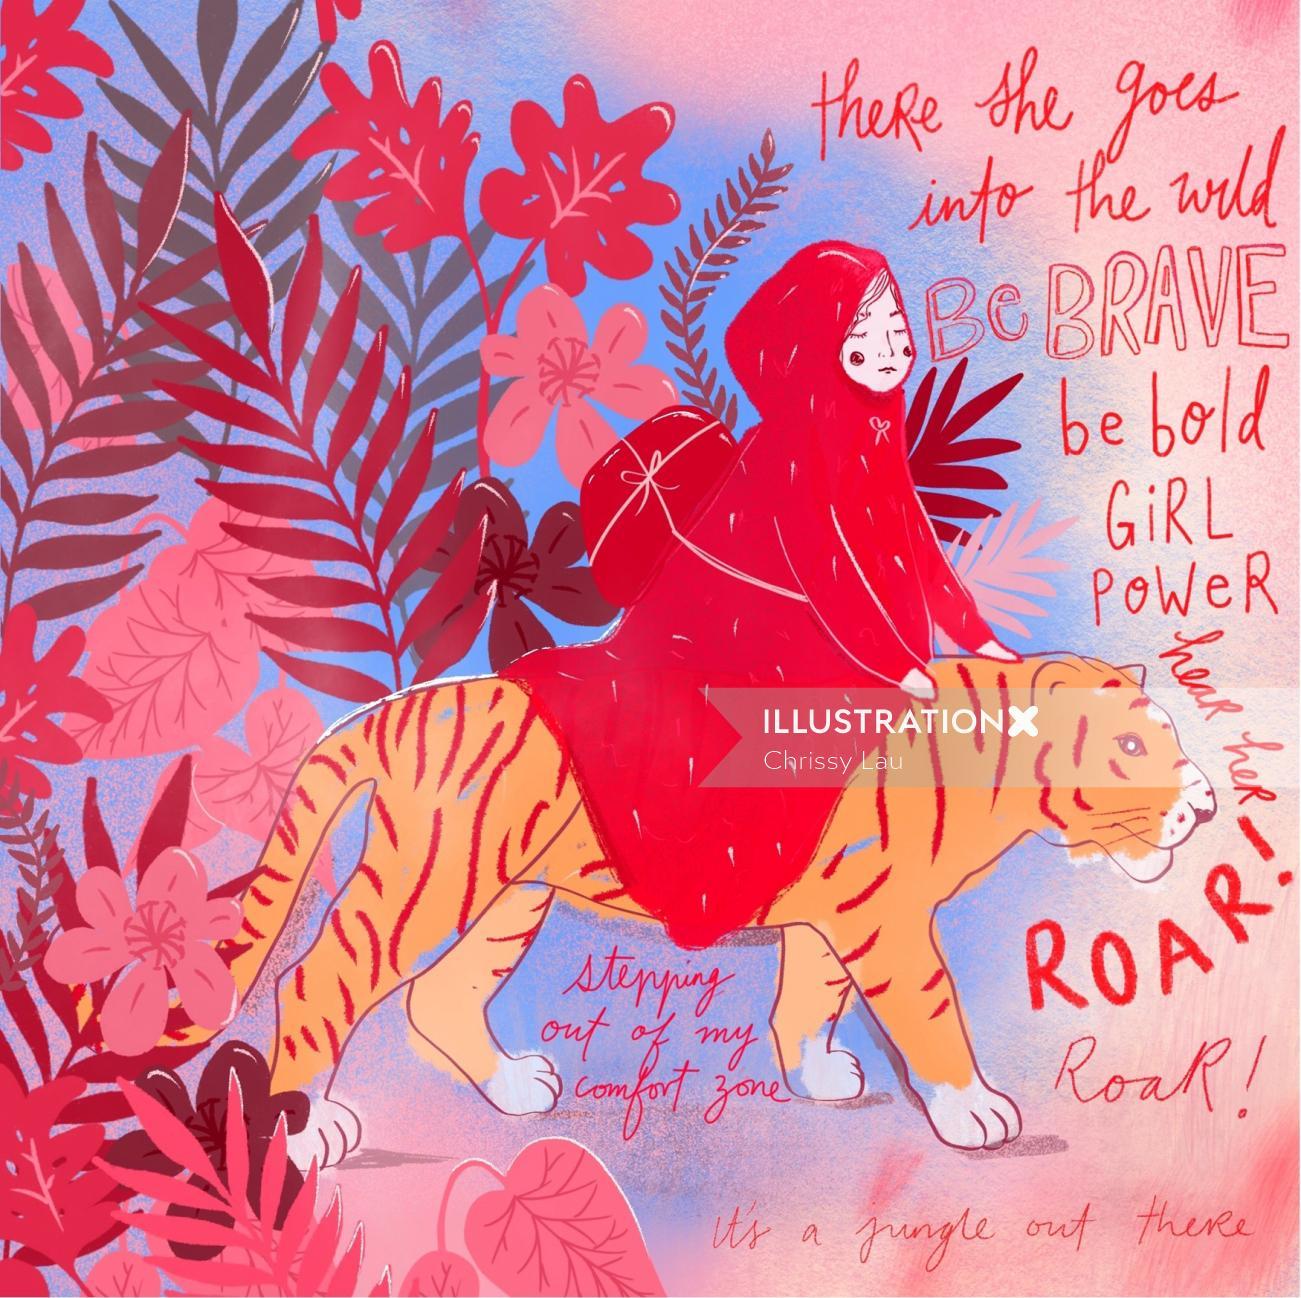 Lettering of girl power